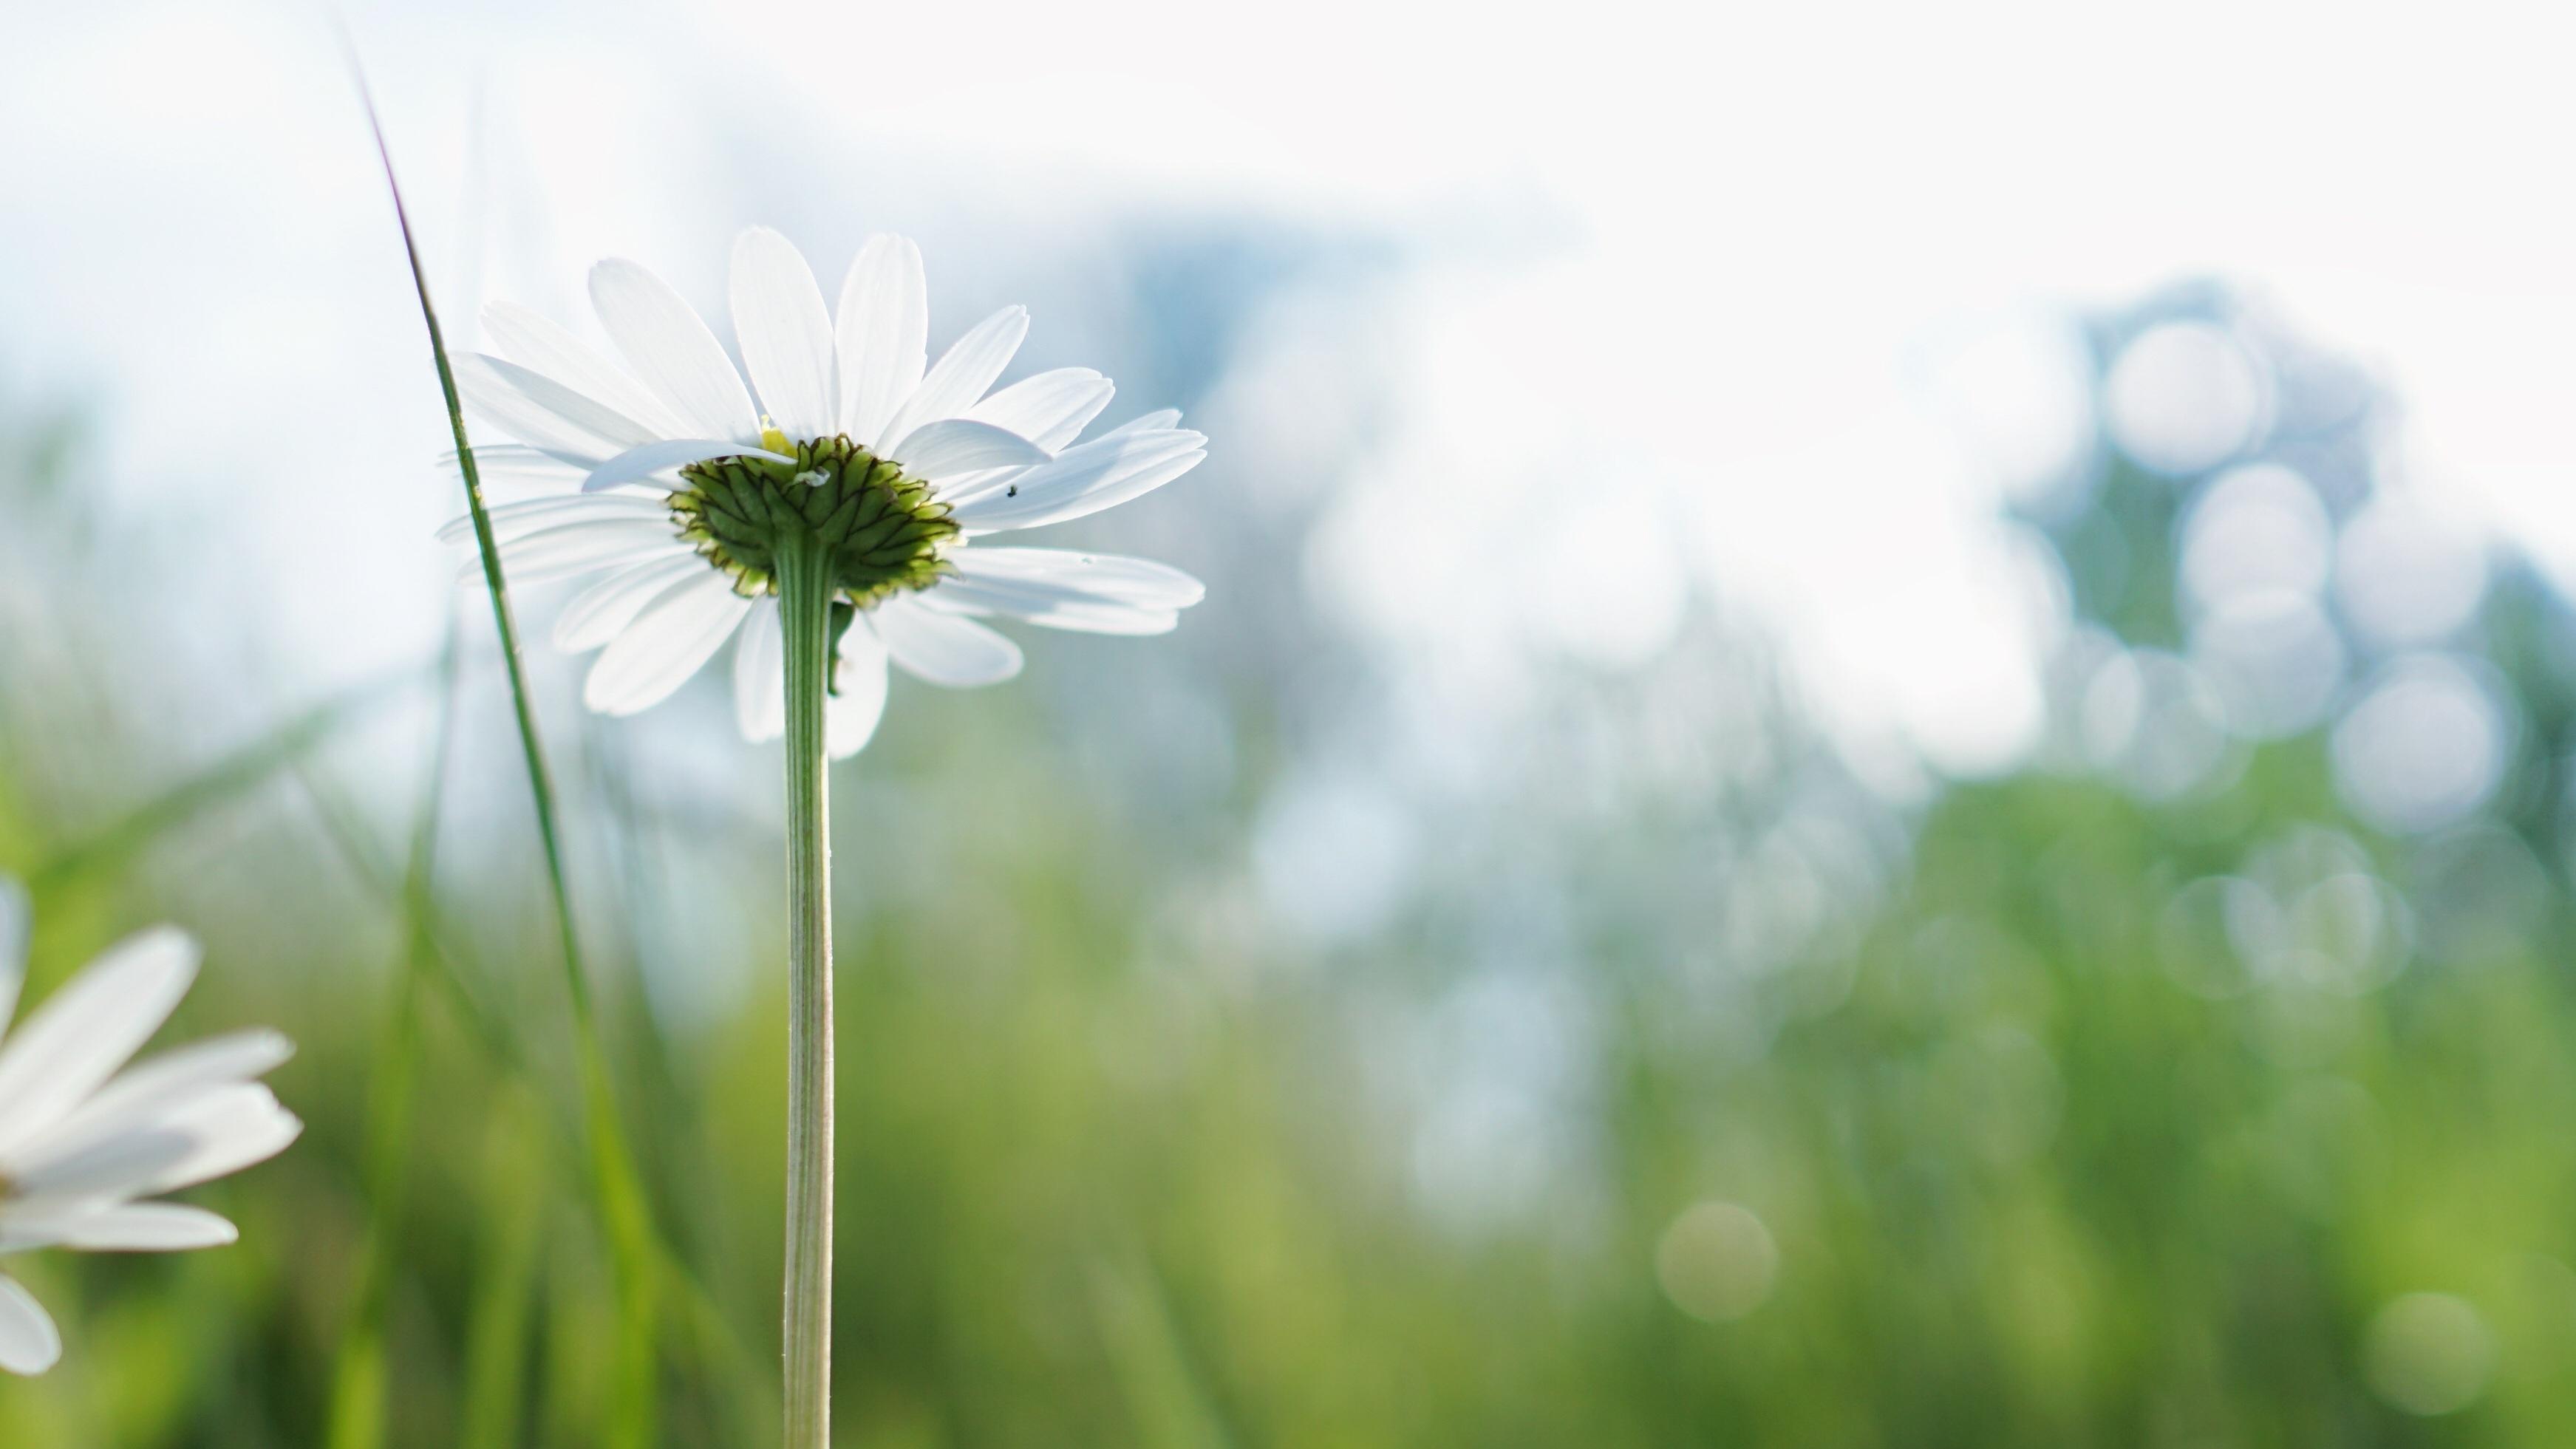 Gambar Berkembang Mekar Kamomil Merapatkan Flora Bunga